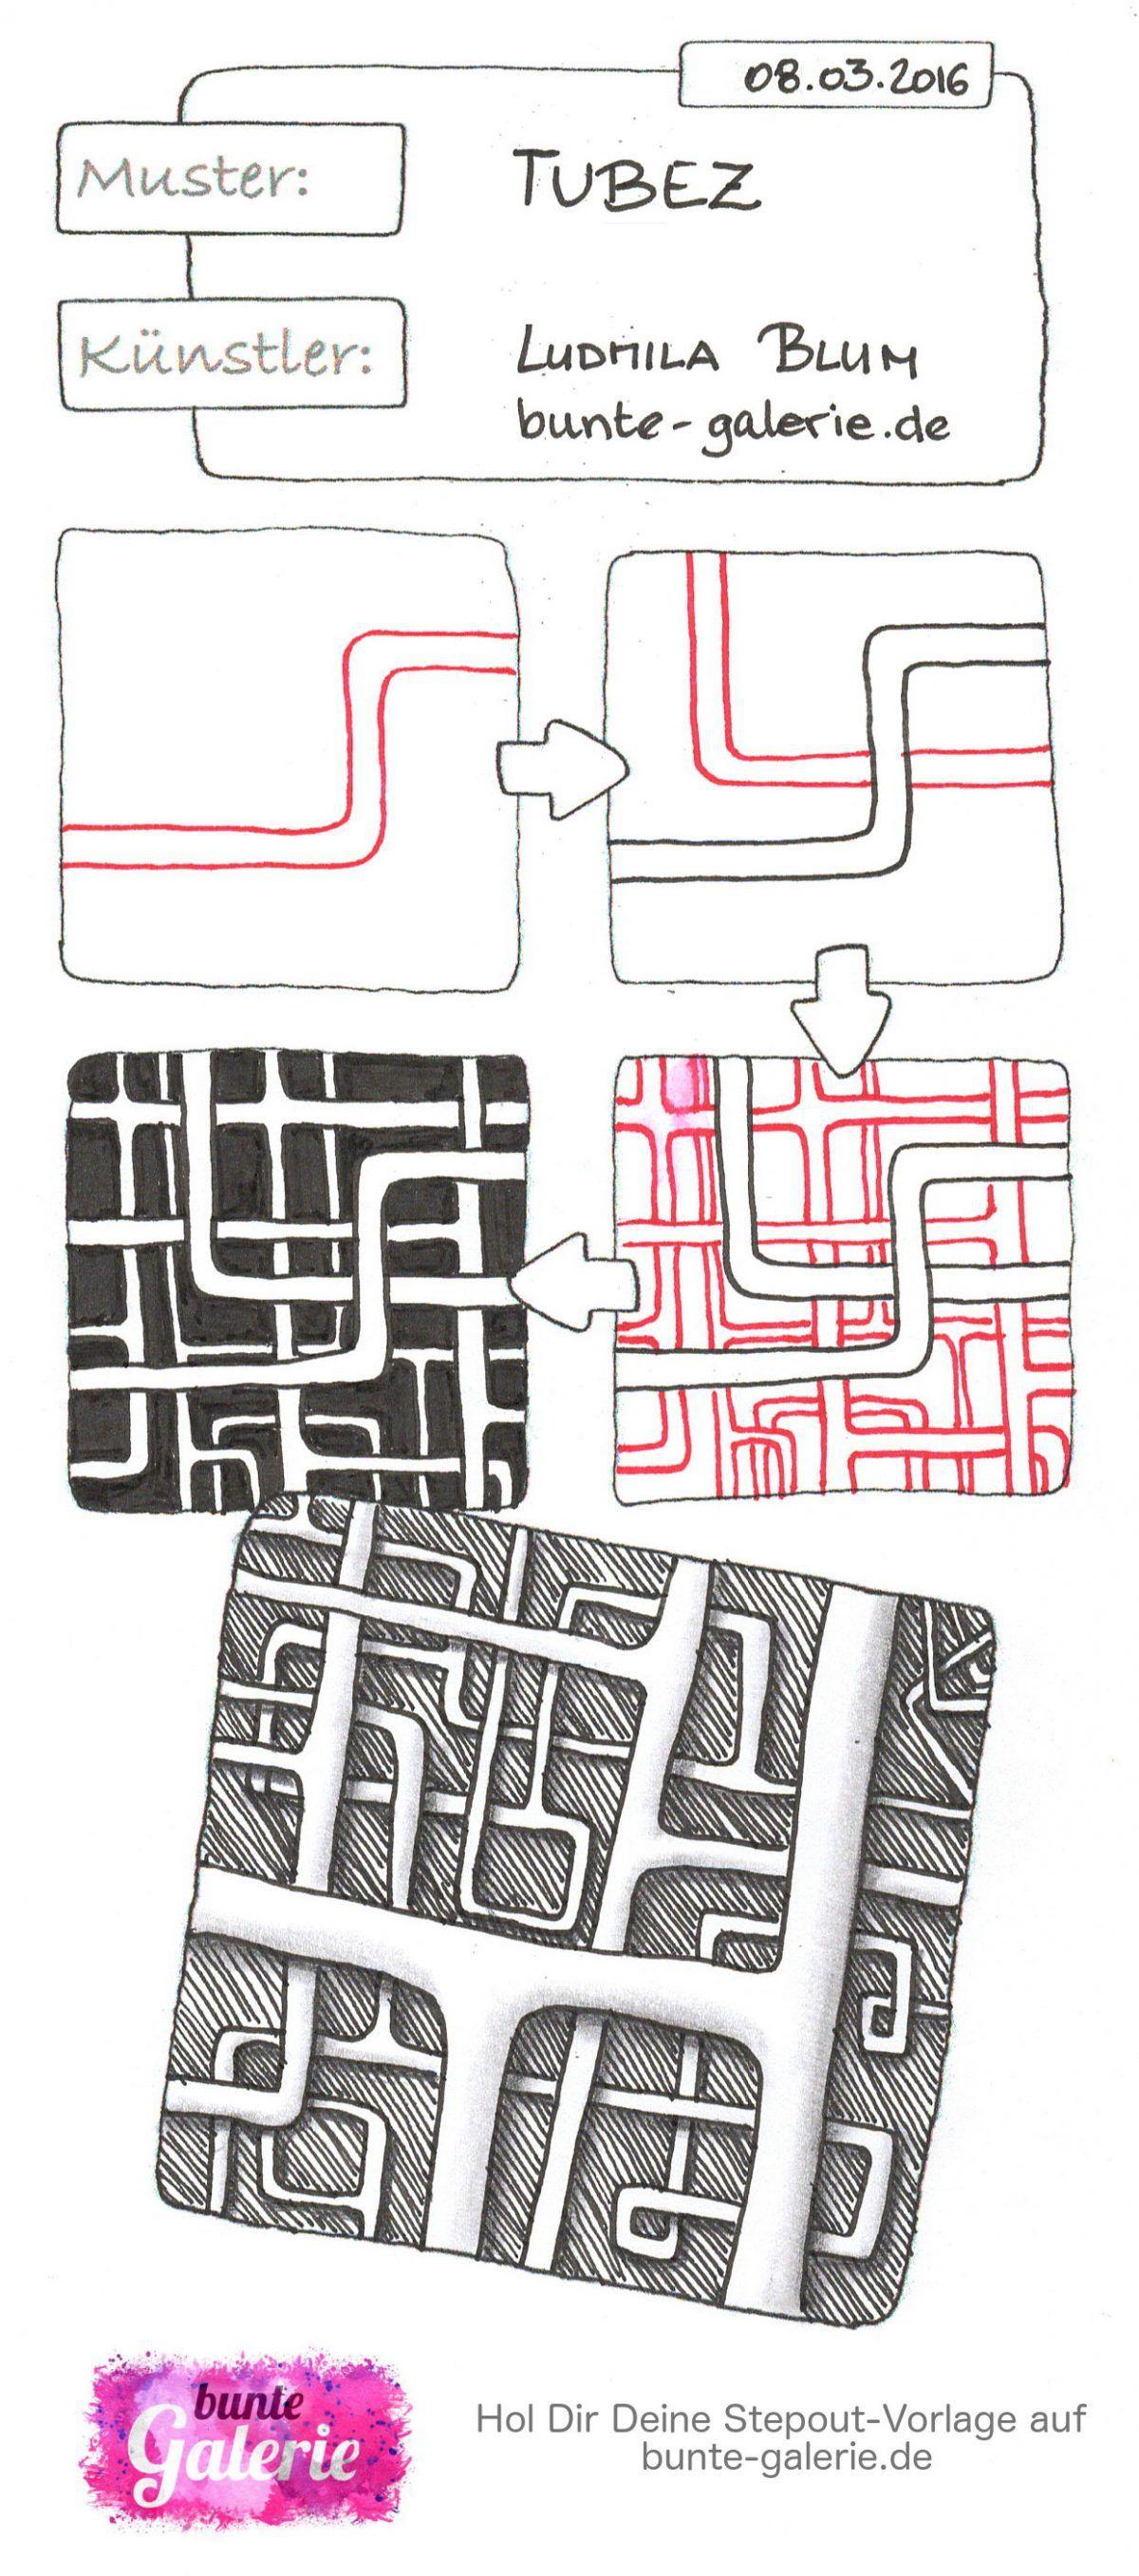 Stepout für Zentangle Muster Tubez von Ludmila Blum Tuber / tubez ...